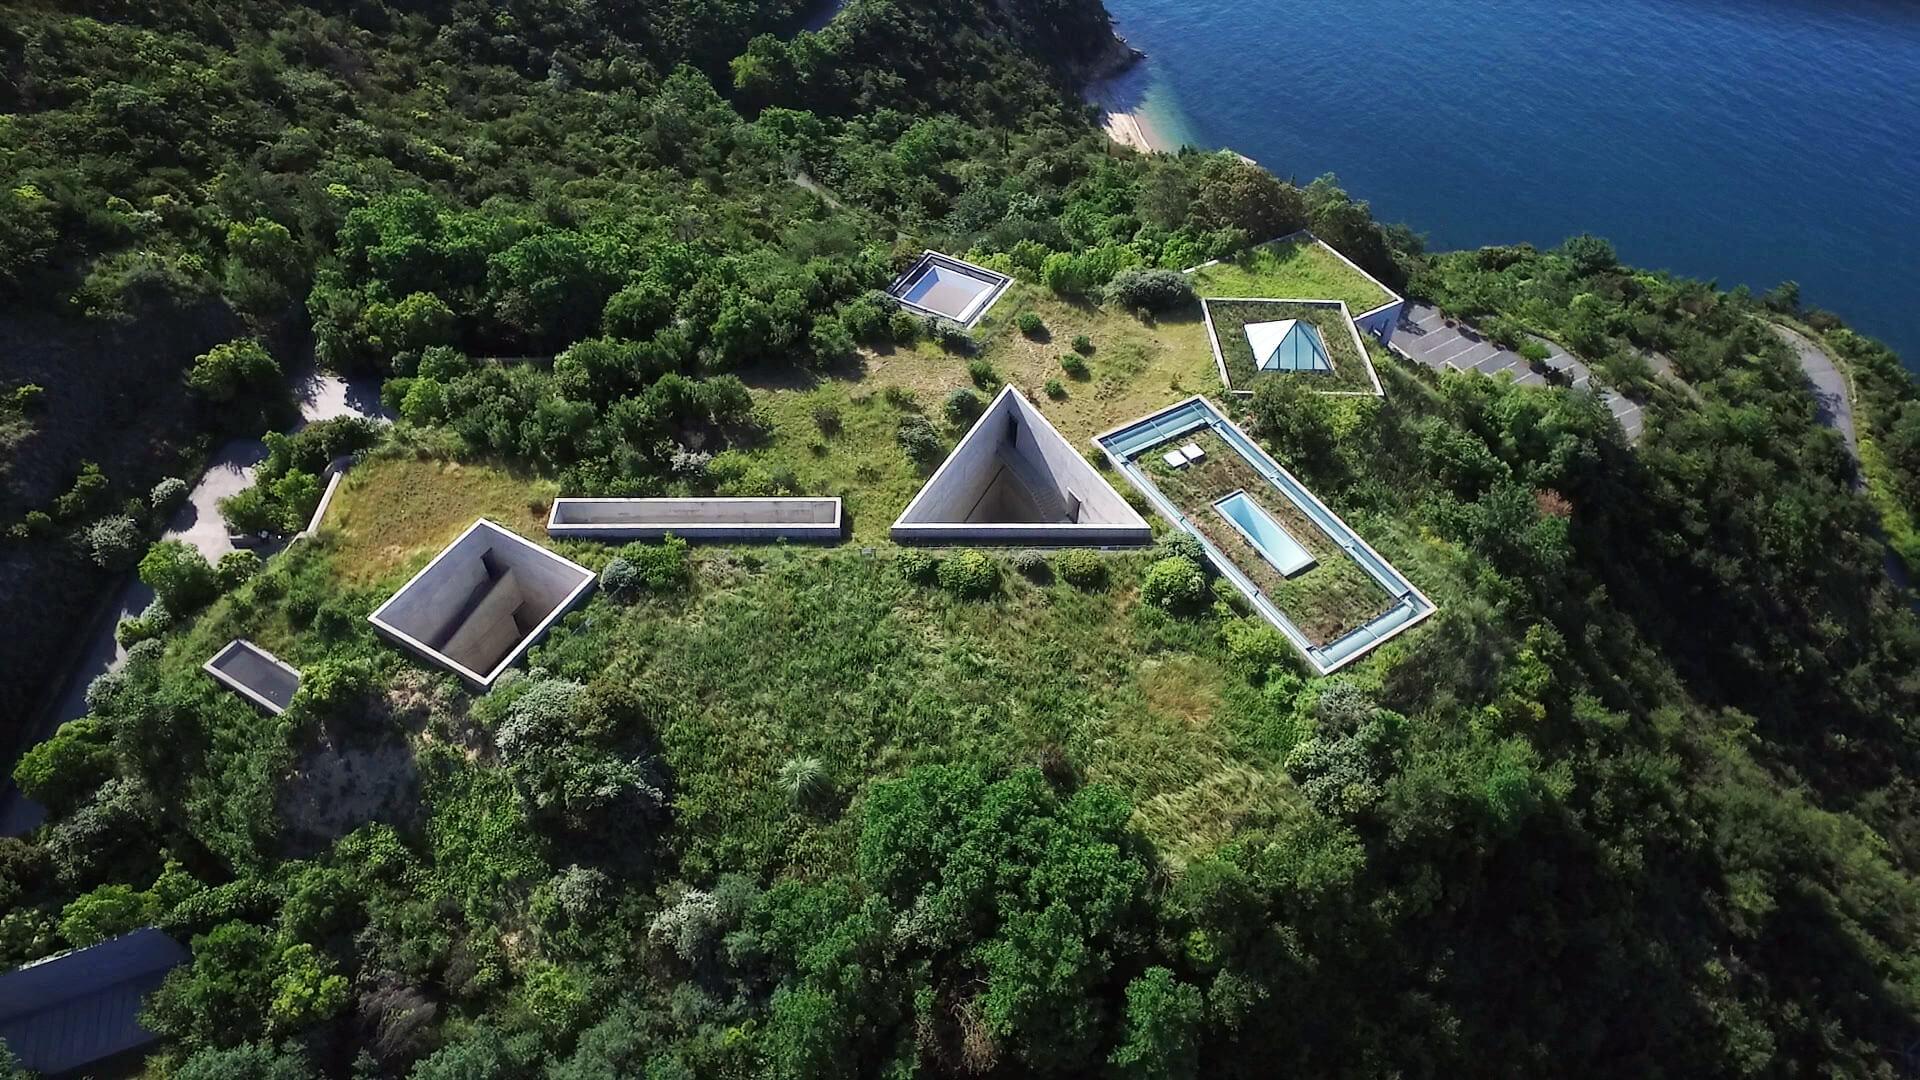 地中美術館是安藤忠雄的代表作之一,為了保留瀨戶內海直島的天然景致,這清水模建築物隱藏地底,與四周自然環境融合。